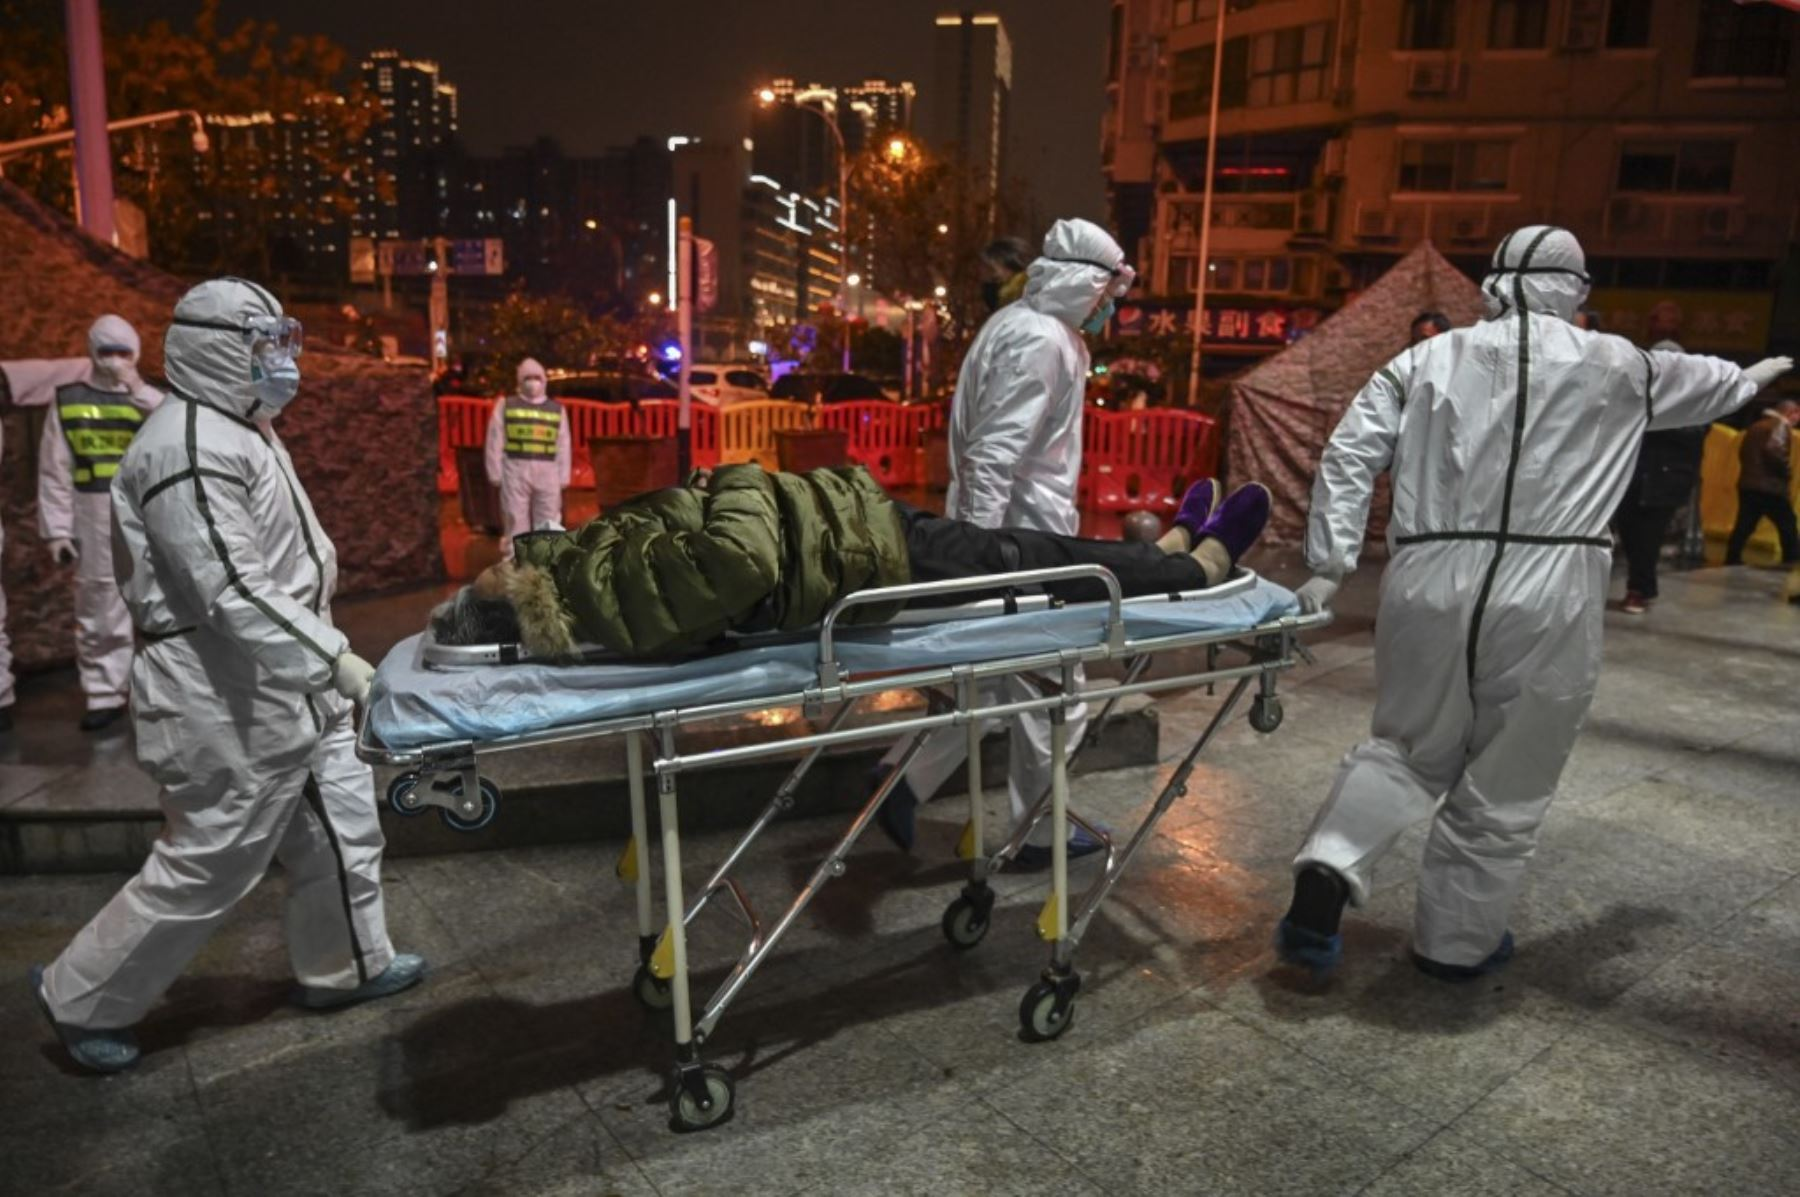 Miembros del personal médico con ropa protectora ayudan a un paciente  con covid-19 y lo  trasladan al Hospital de la Cruz Roja de Wuhan para detener la propagación del coronavirus.Foto:AFP